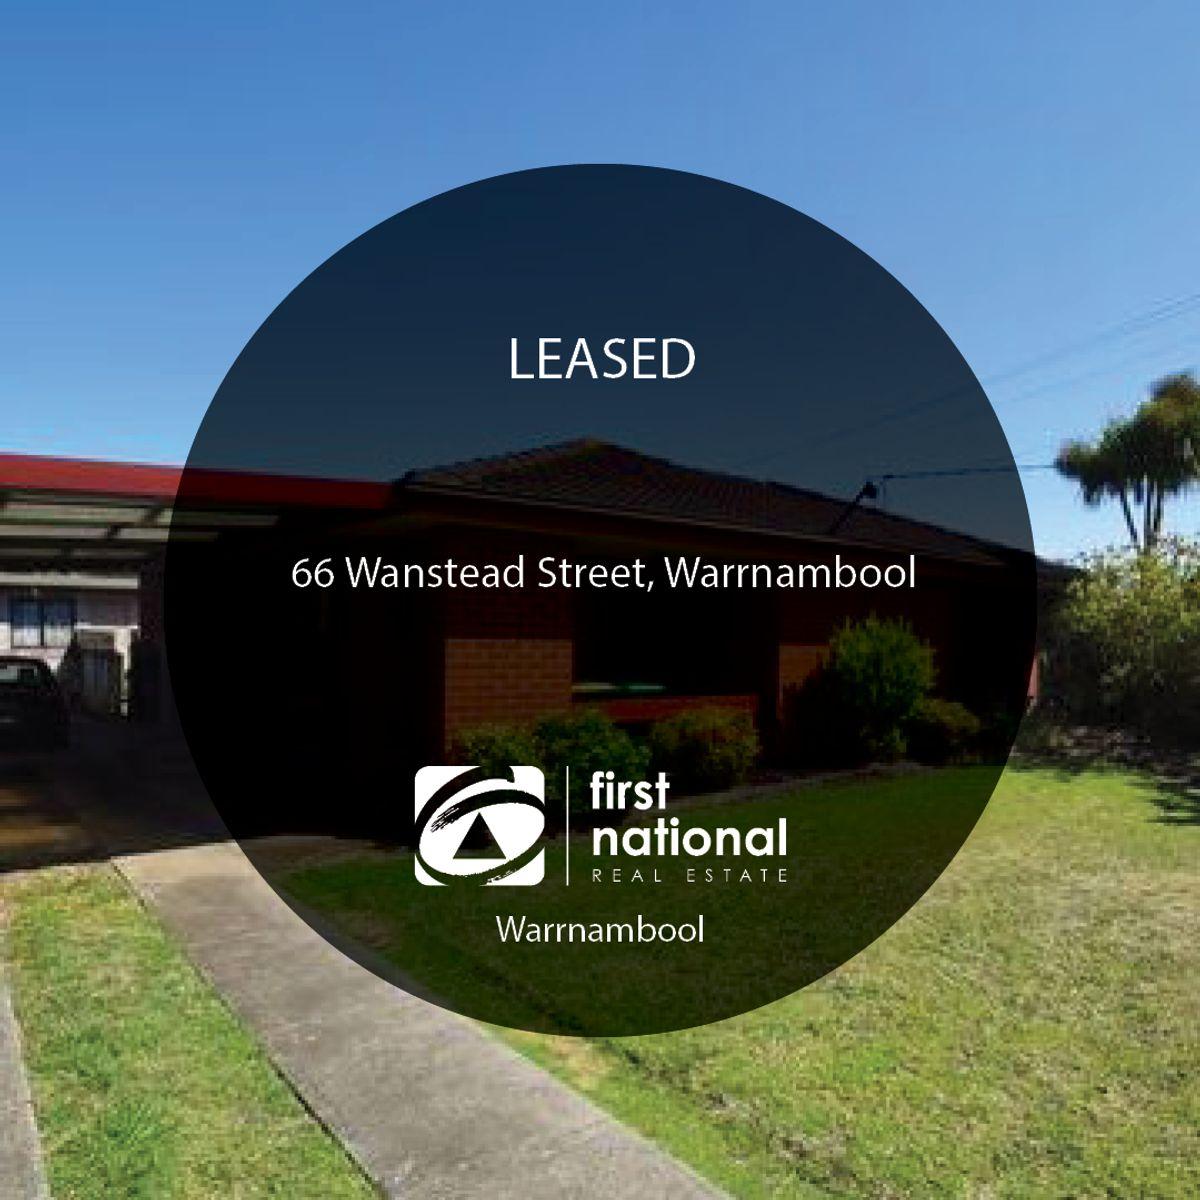 66 Wanstead Street, Warrnambool, VIC 3280